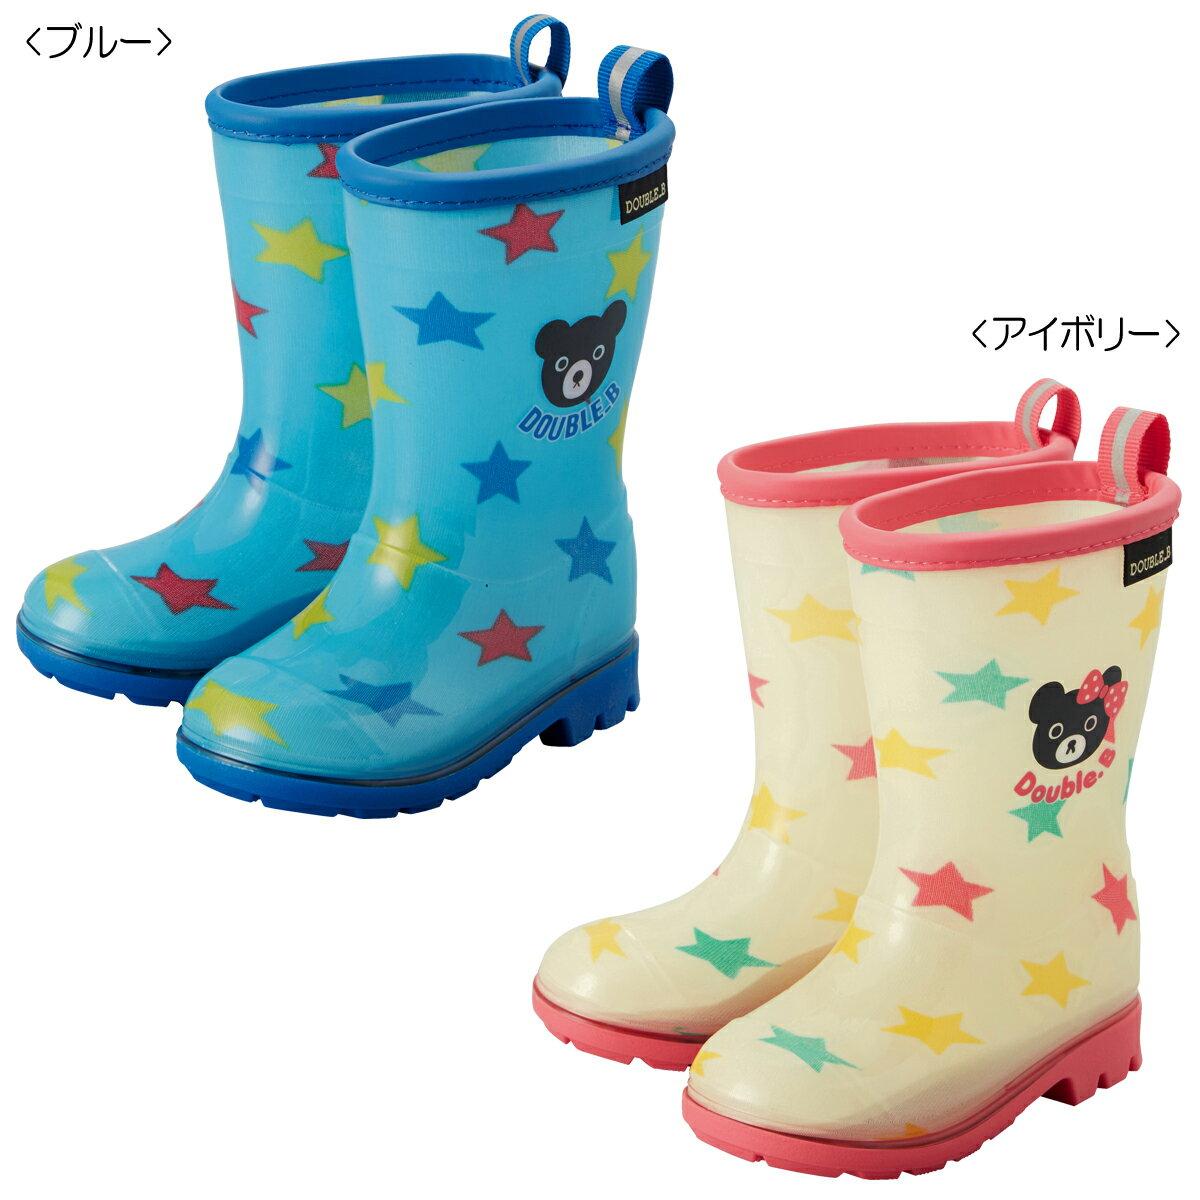 【全品10倍ポイント(9/21-9/26)】ミキハウス ダブルビー mikihouse 星柄プリントのレインブーツ(長靴)(13cm-20cm)